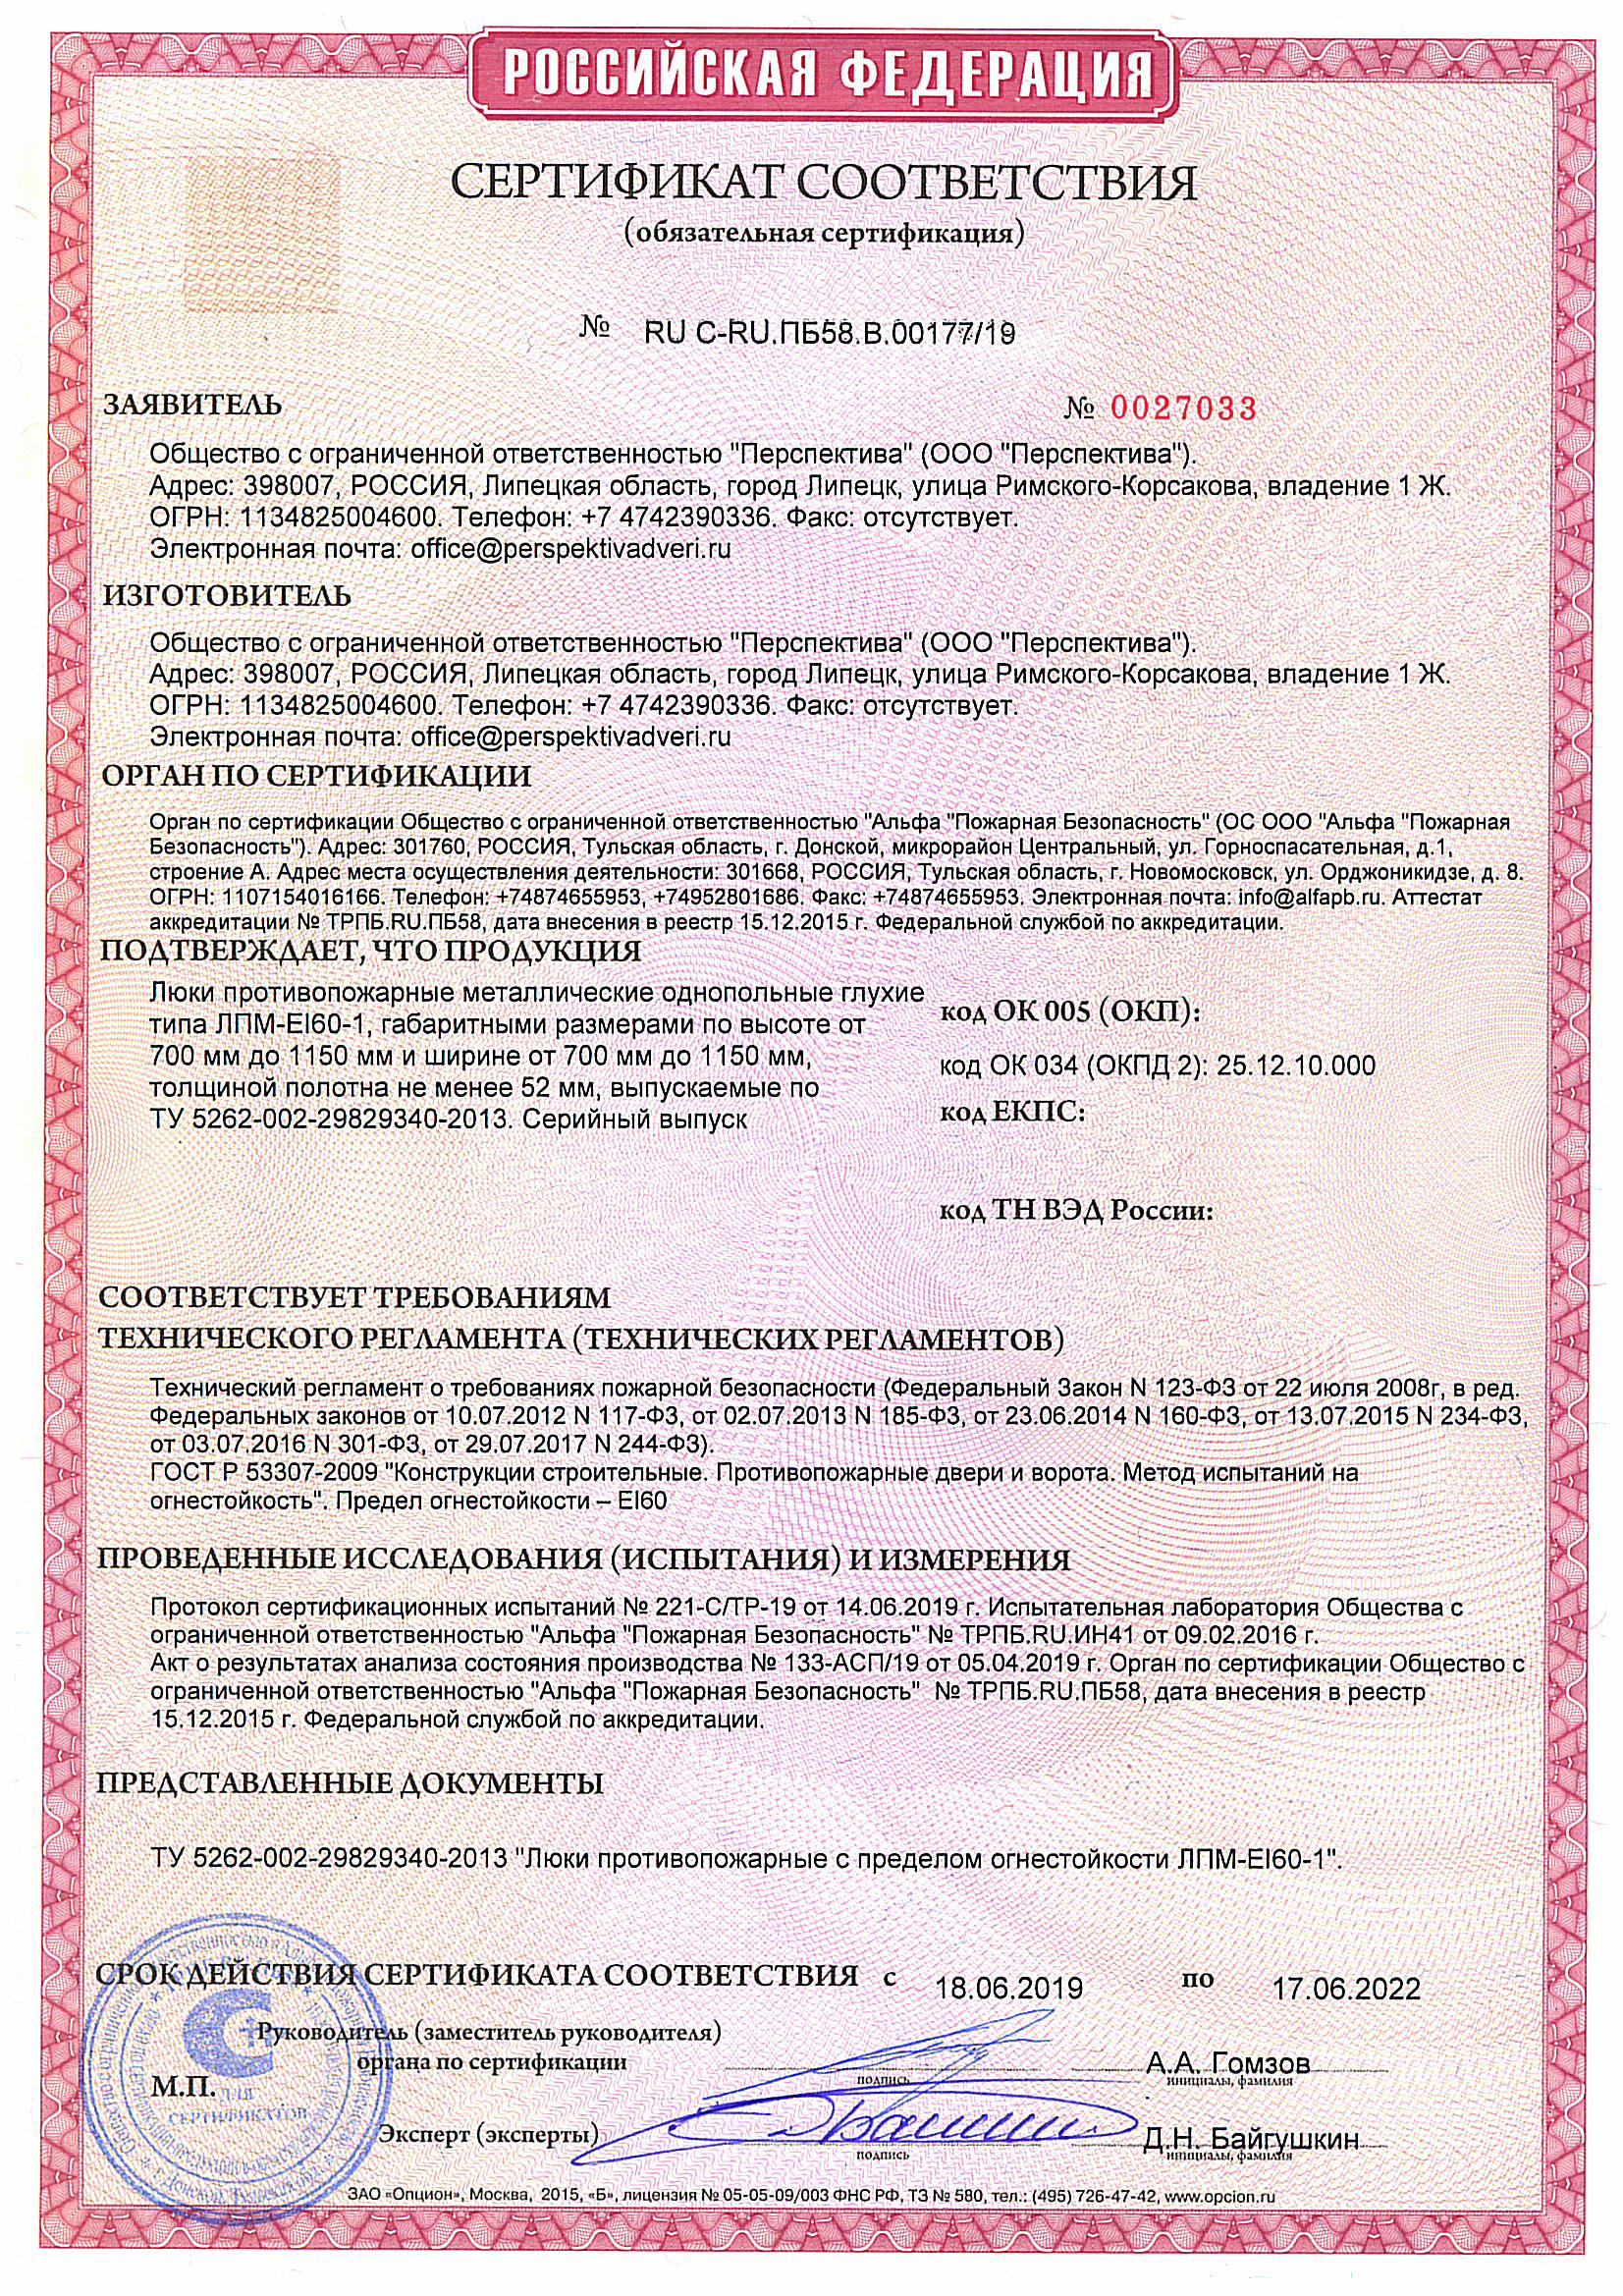 Сертификат на ЛЮК.jpg